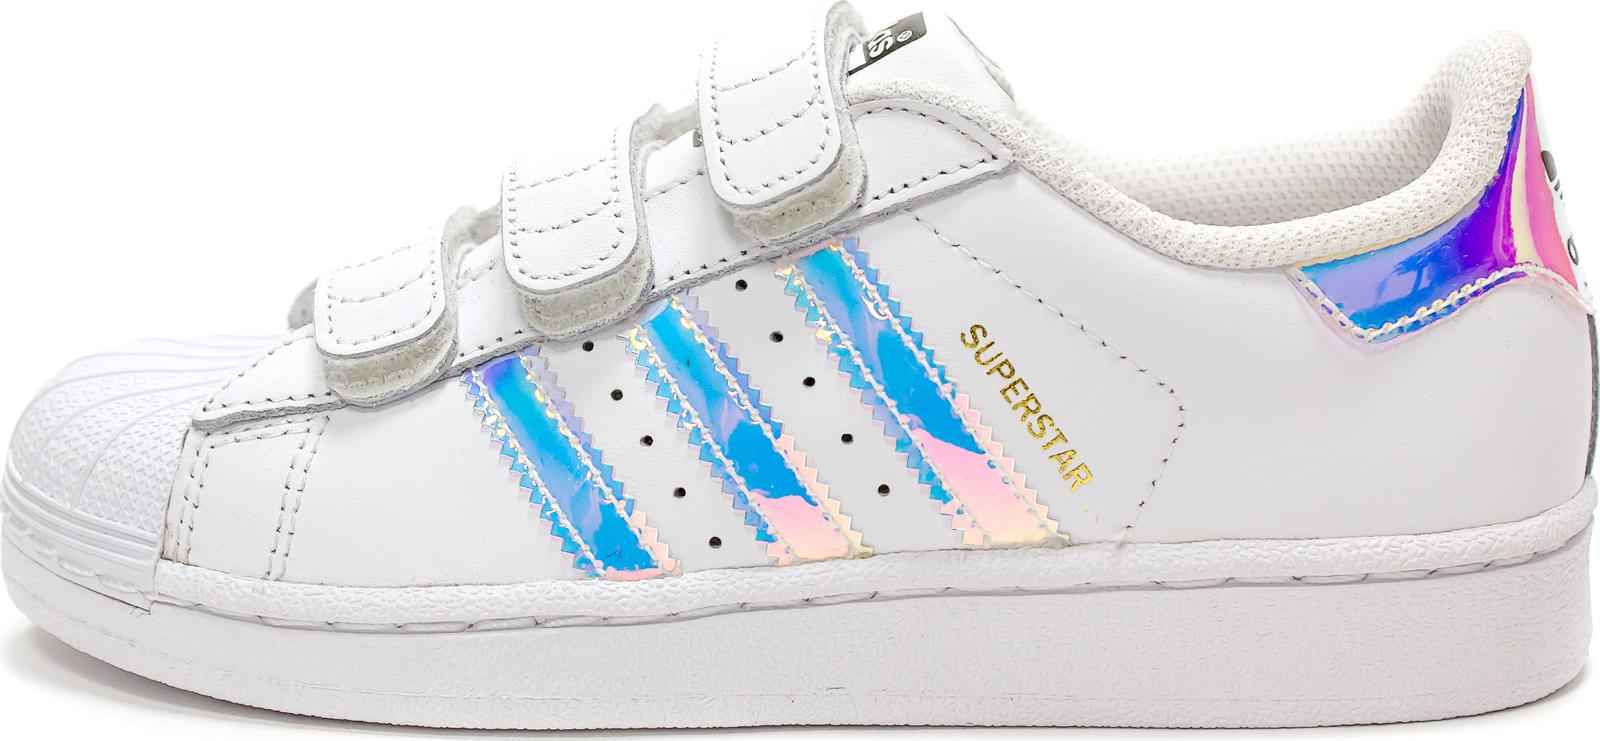 8e1028d1e5d2a Προσθήκη στα αγαπημένα menu Adidas Superstar CF C